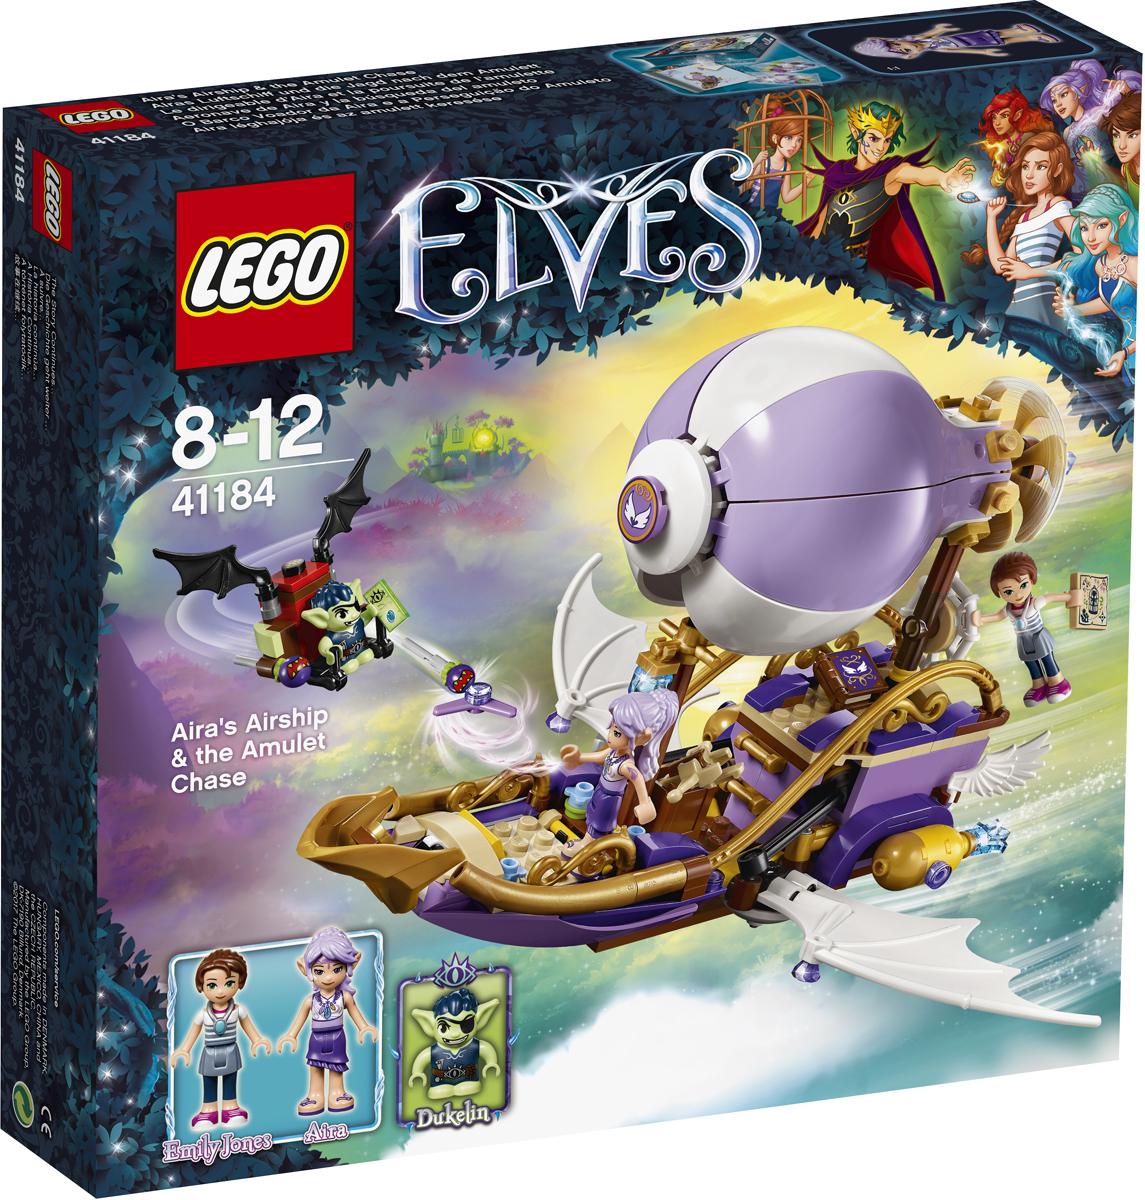 LEGO Elves Конструктор Погоня за амулетом 4118441184Устрой дерзкую погоню в Эльфендейле! Гоблин Дюклин выследил Эмили Джонс, которая путешествует на воздушном корабле Эйры, и спешит за ней на гоблинском планере. О нет, Дюклин украл амулет Эмили и поспешно убегает! Используй магию ветра, которой владеет Эйра, чтобы перевести воздушный корабль в супербыстрый режим полёта и схватить гоблина до того, как он успеет передать амулет Королю Гоблинов!